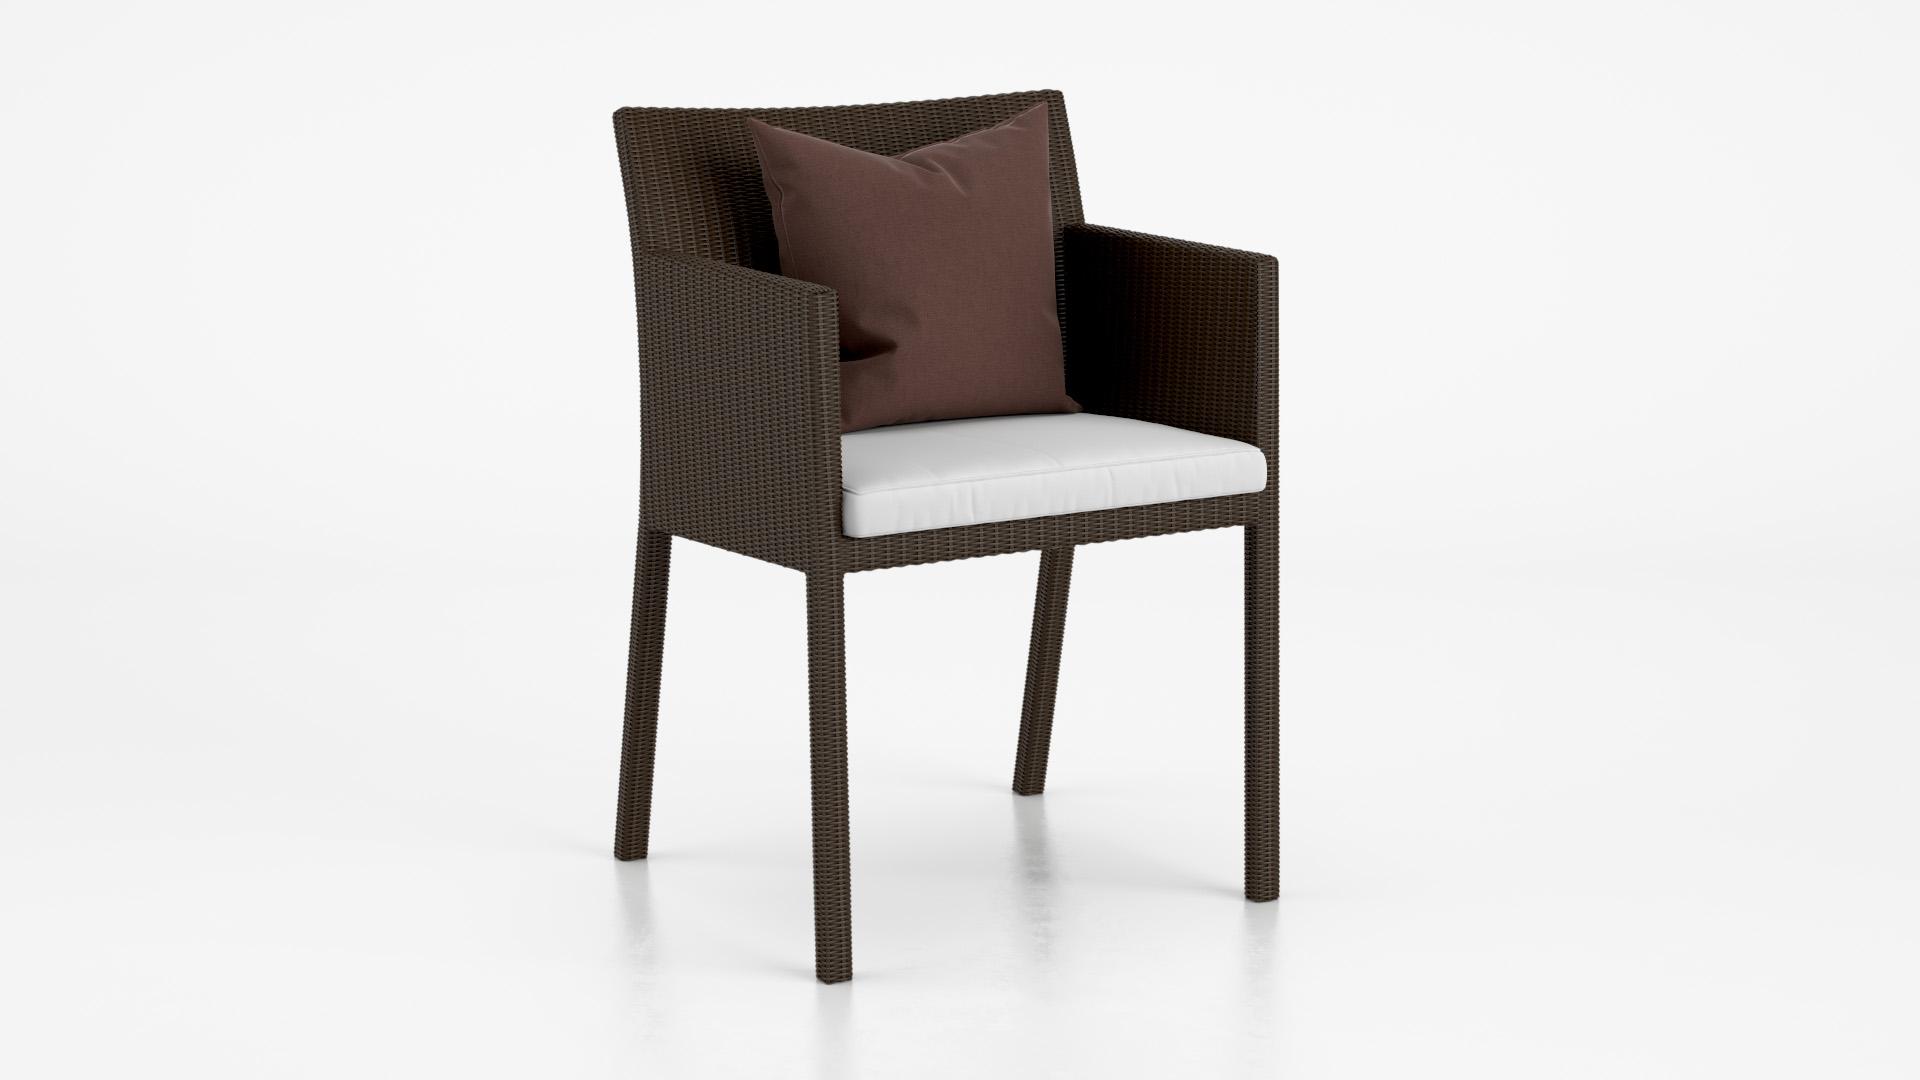 Tribu_Versus_Chair_TeakLegs_WhiteSet_01_0000